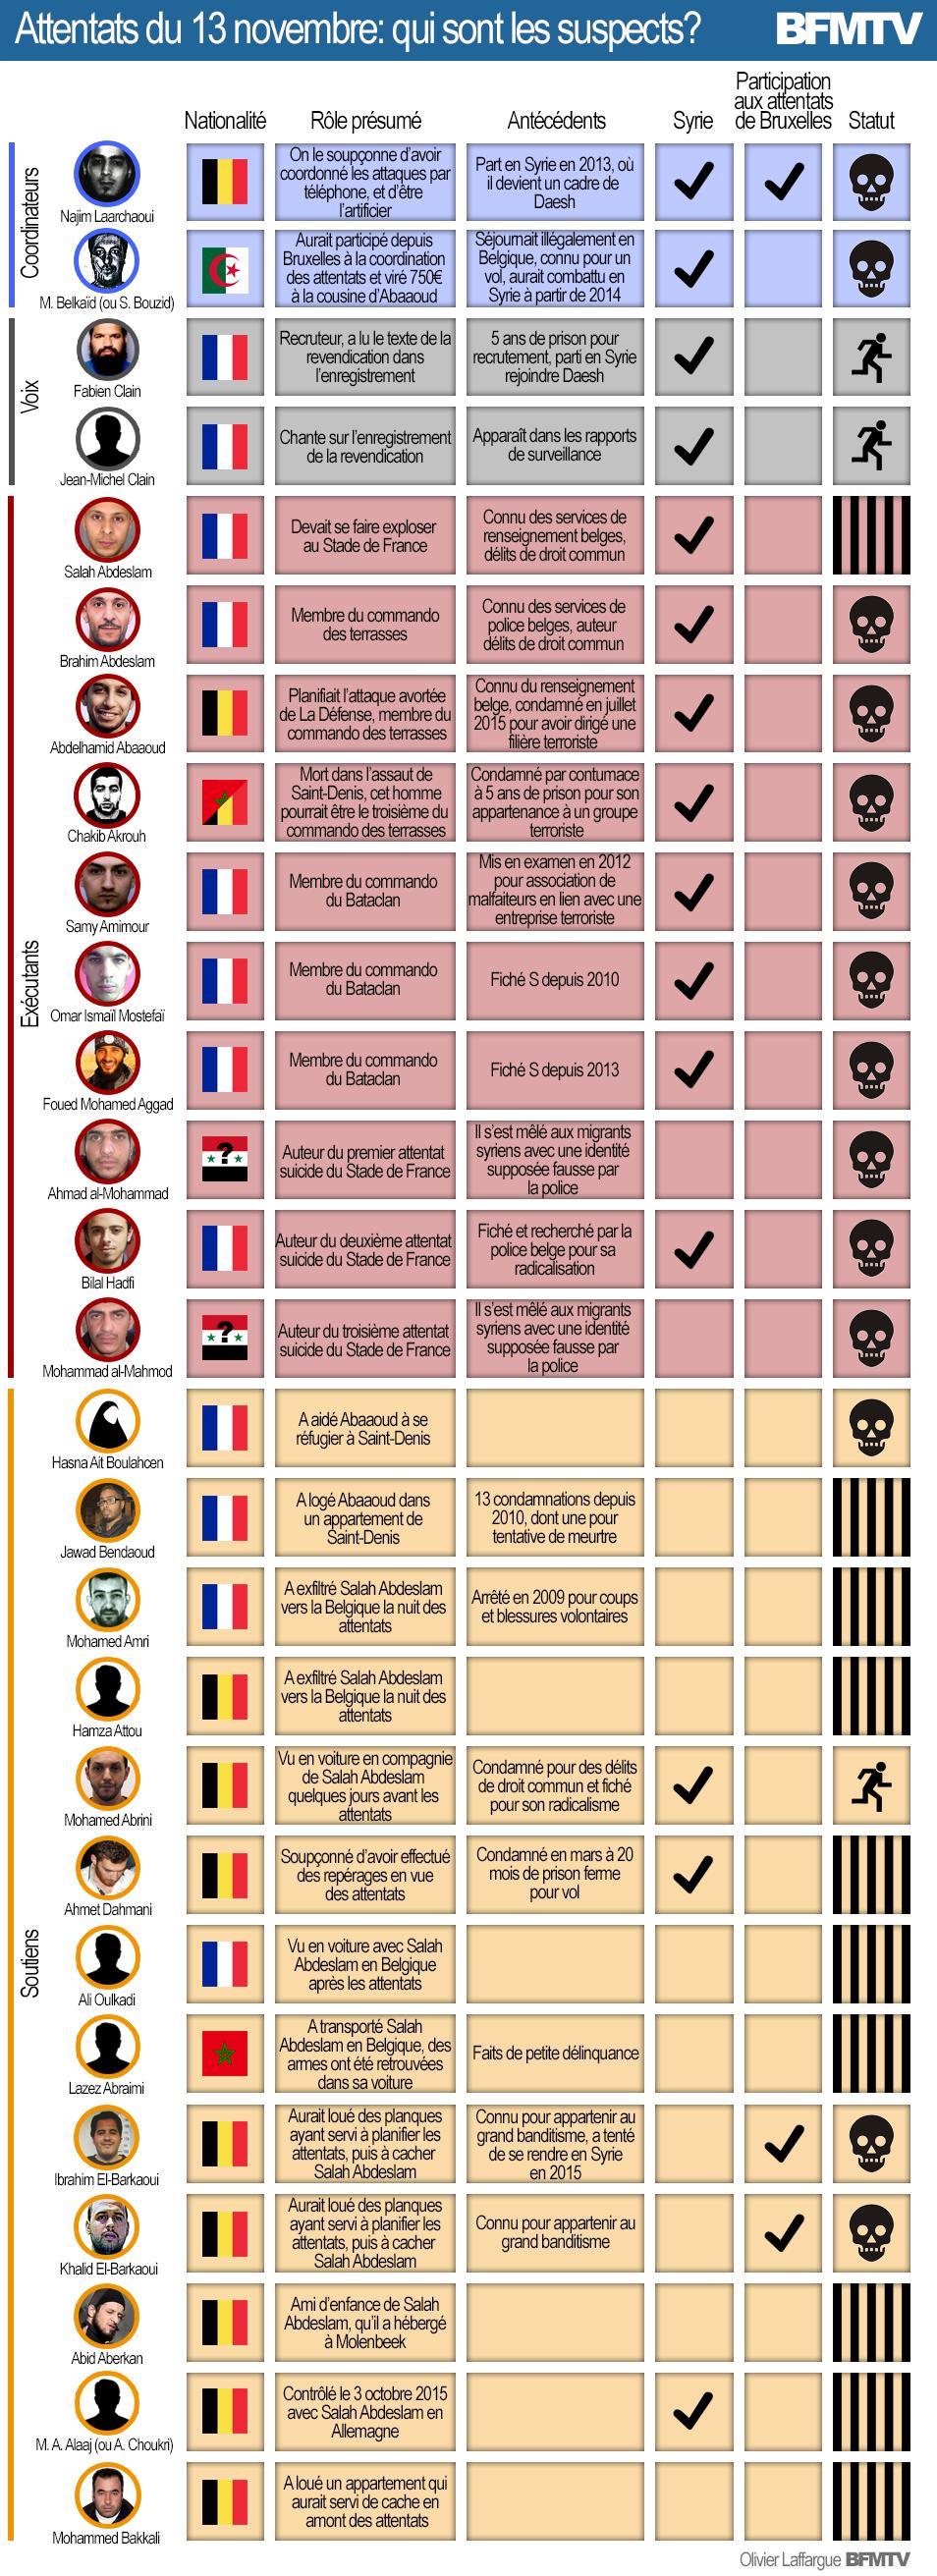 #PARIS #BRUXELLE Les visages de la terreur by @laffargue & @BFMTV